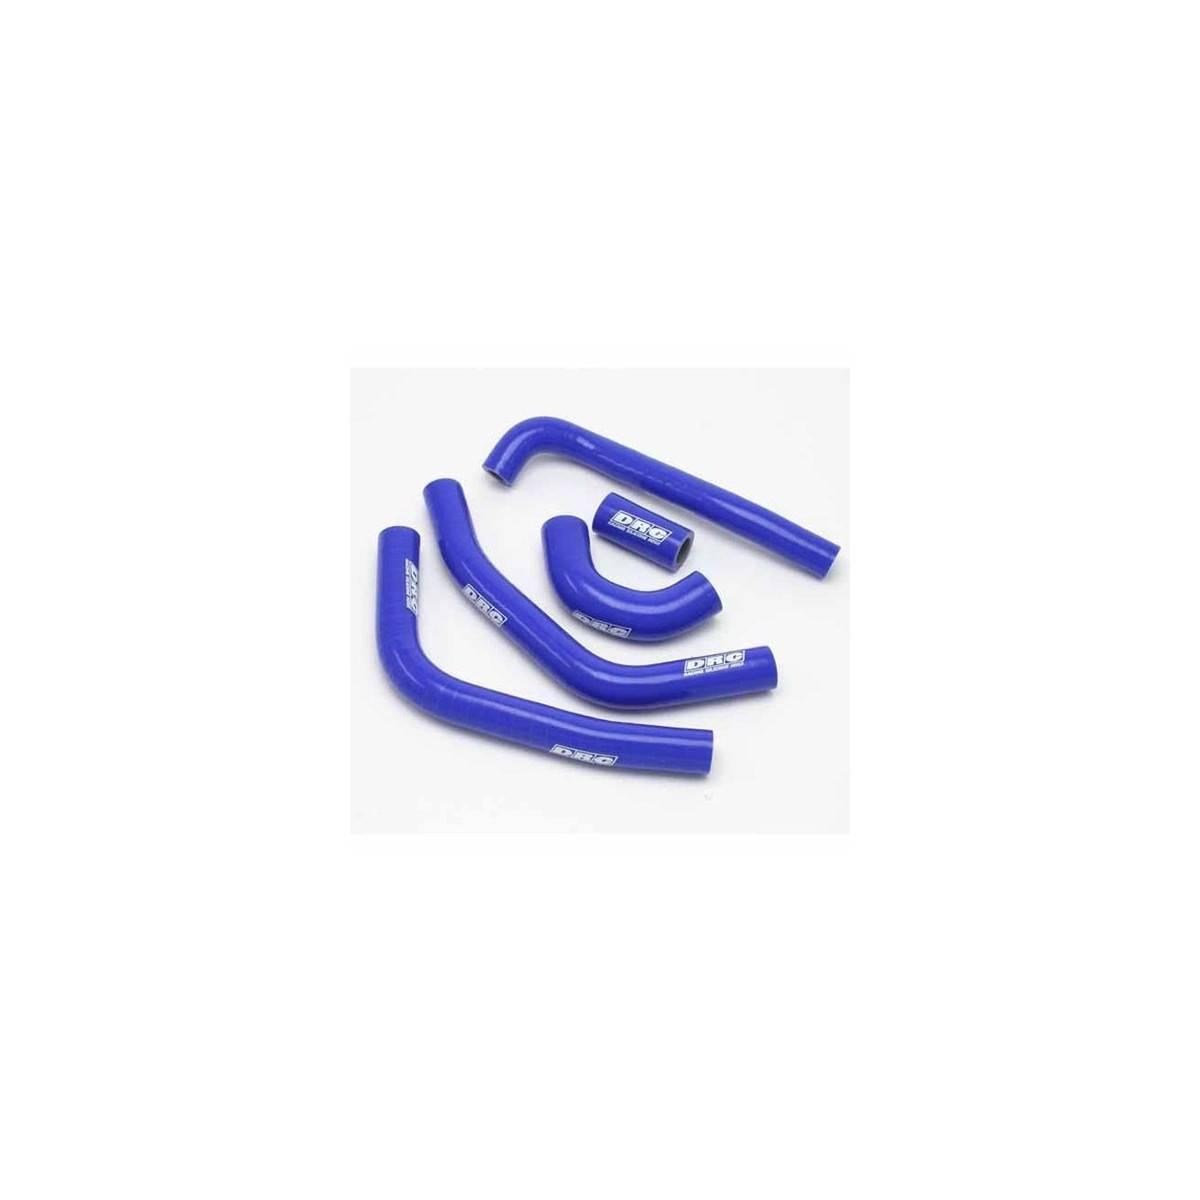 D47.01.952 - Kit Manguitos Radiador Fc250 350 ´13- Azul